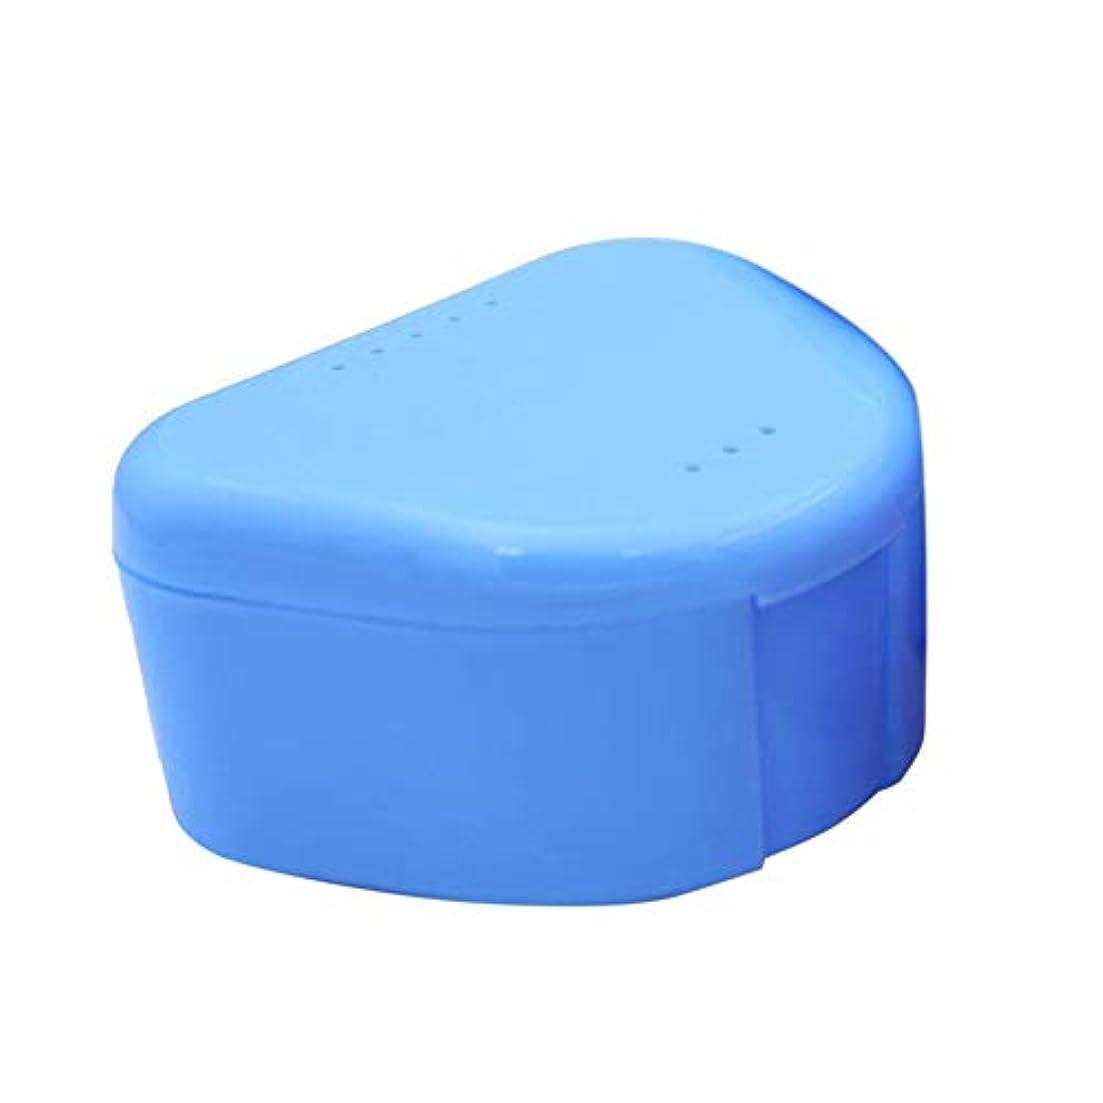 アリス遅らせる水平デンタルリテーナーケースデンタルブレース偽歯収納ケースボックスマウスピースオーガナイザーオーラルヘルスケアデンタルトレイボックス(Color:random)